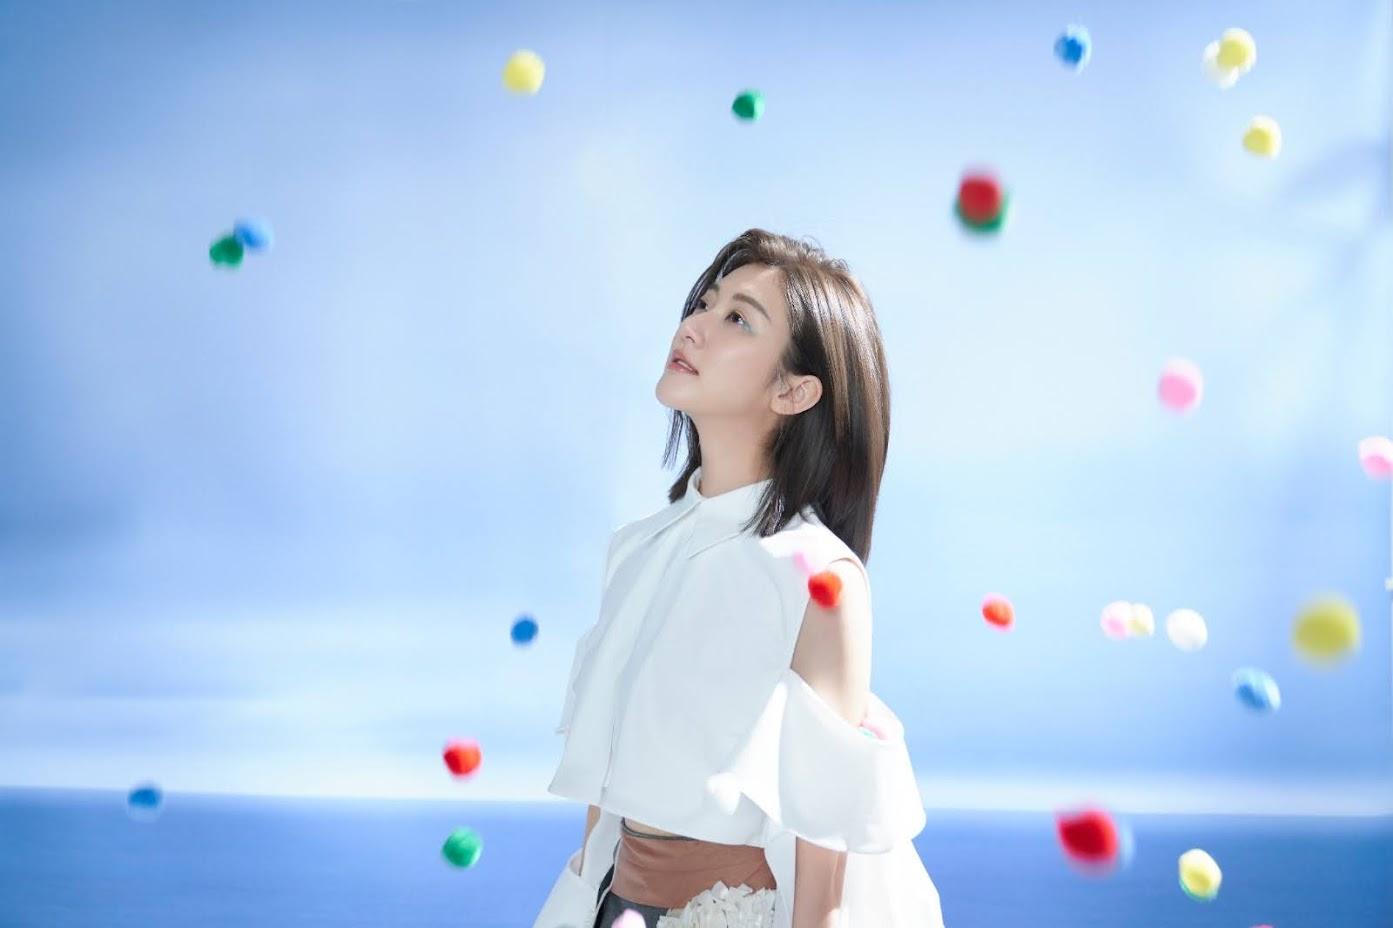 氣質音樂才女 林逸欣  睽違四年全新EP  首度自己擔綱製作人